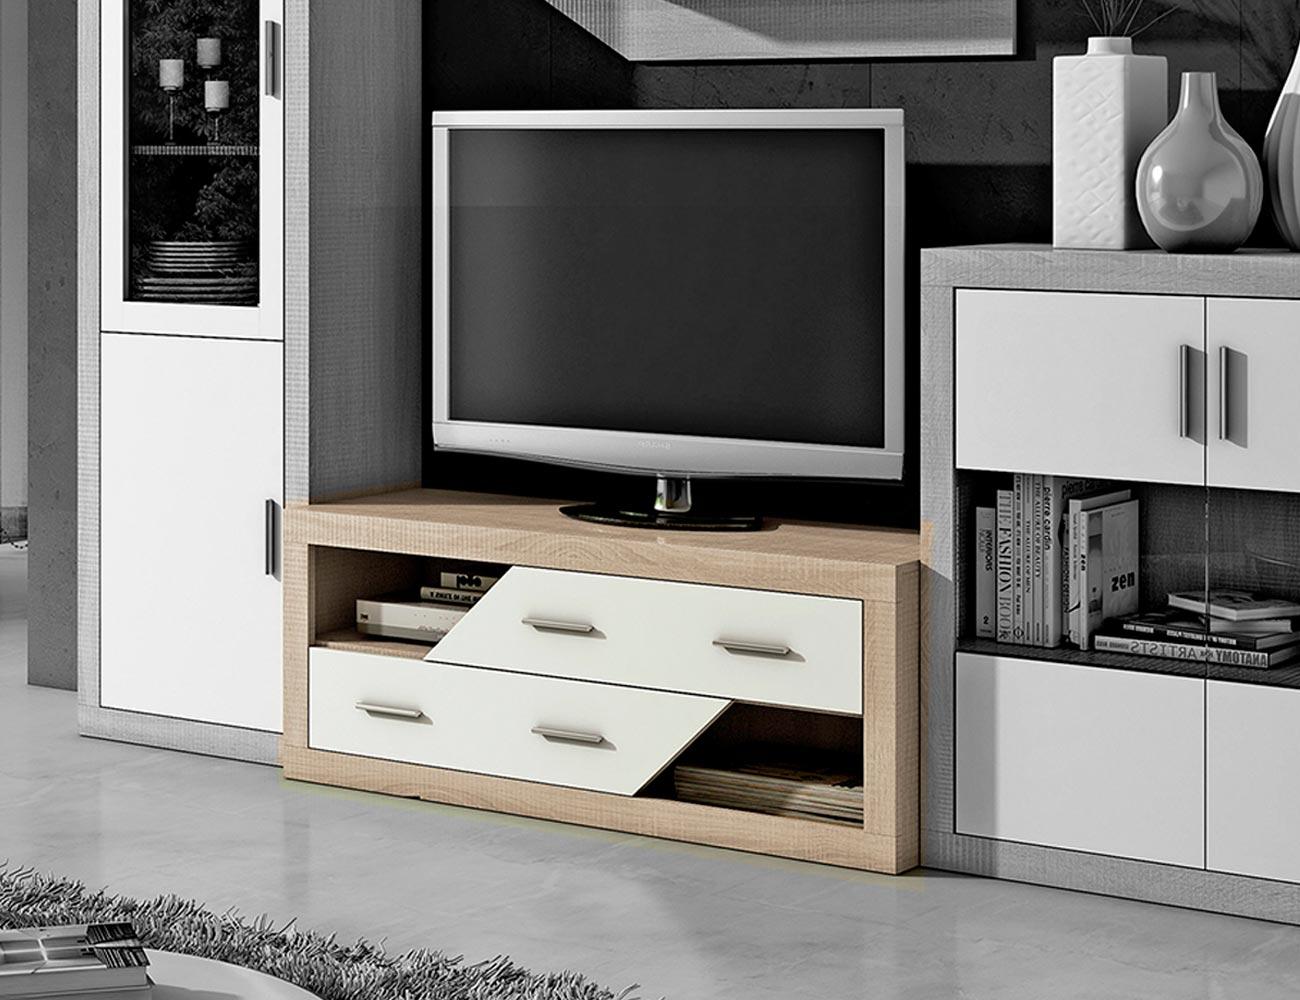 Mueble bajo tv cambrian